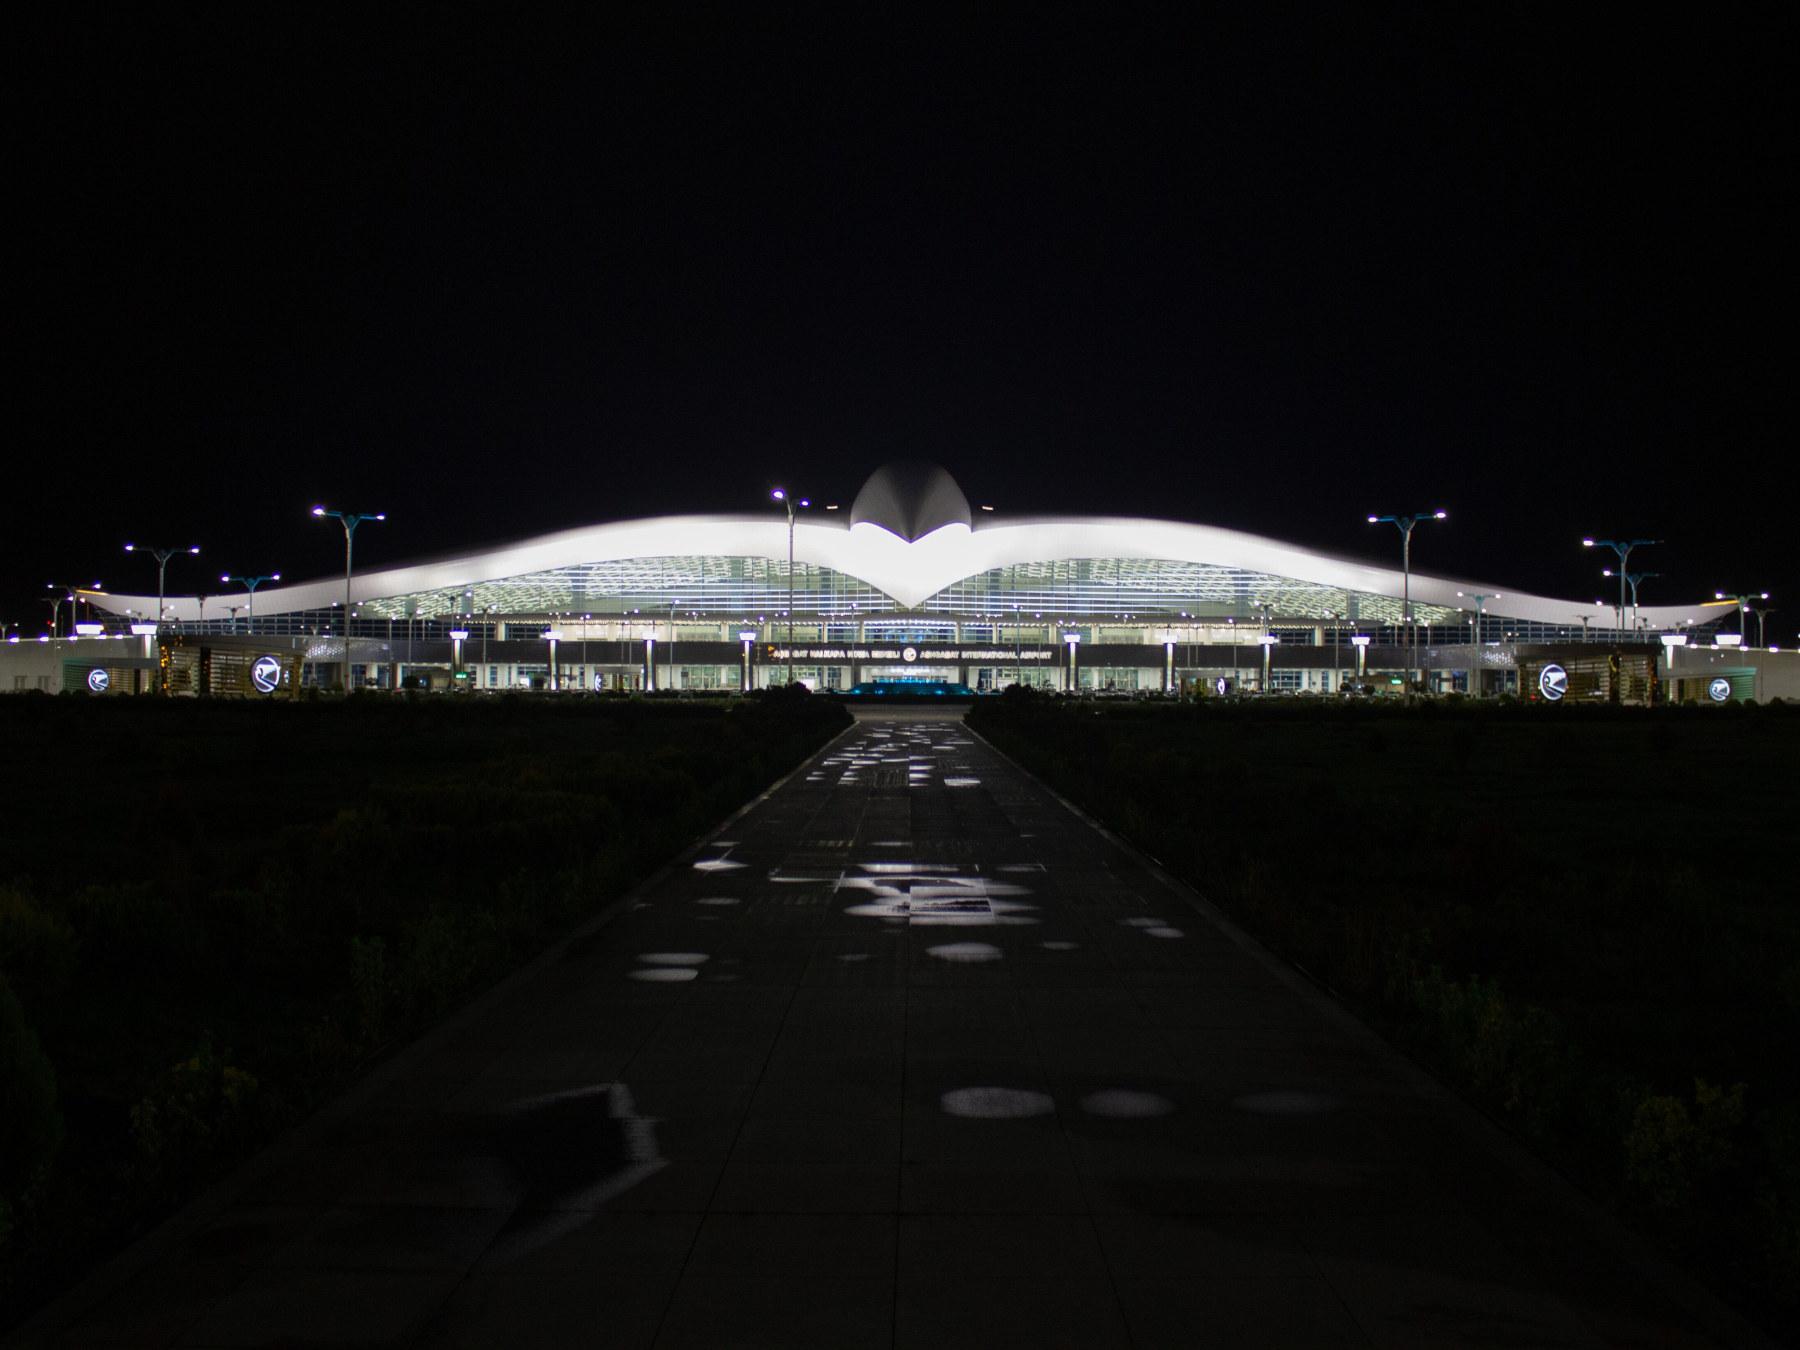 Ashjkabat airport by night